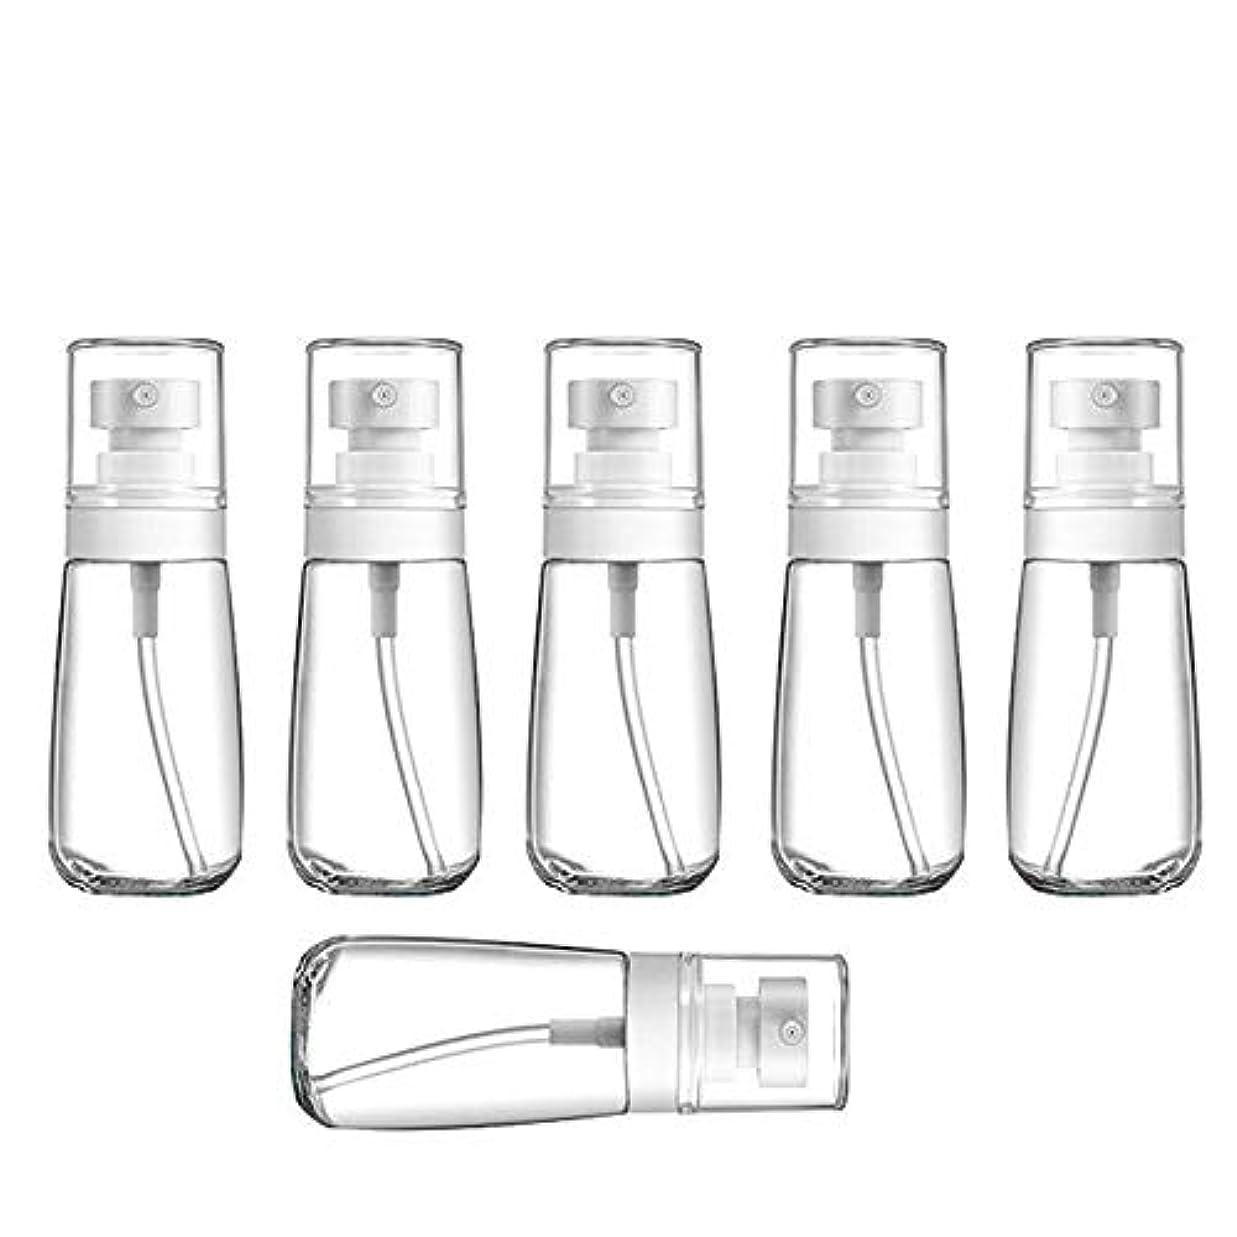 法律により幾何学逆にYXC 良質の PETG小分けボトル トラベルボトル スプレーボトル 家に清潔消毒 緑の植物に水遣る 6本セット 日本小スプレーボトル 化粧水 詰替用ボトル 旅行用品 (60ML6本)